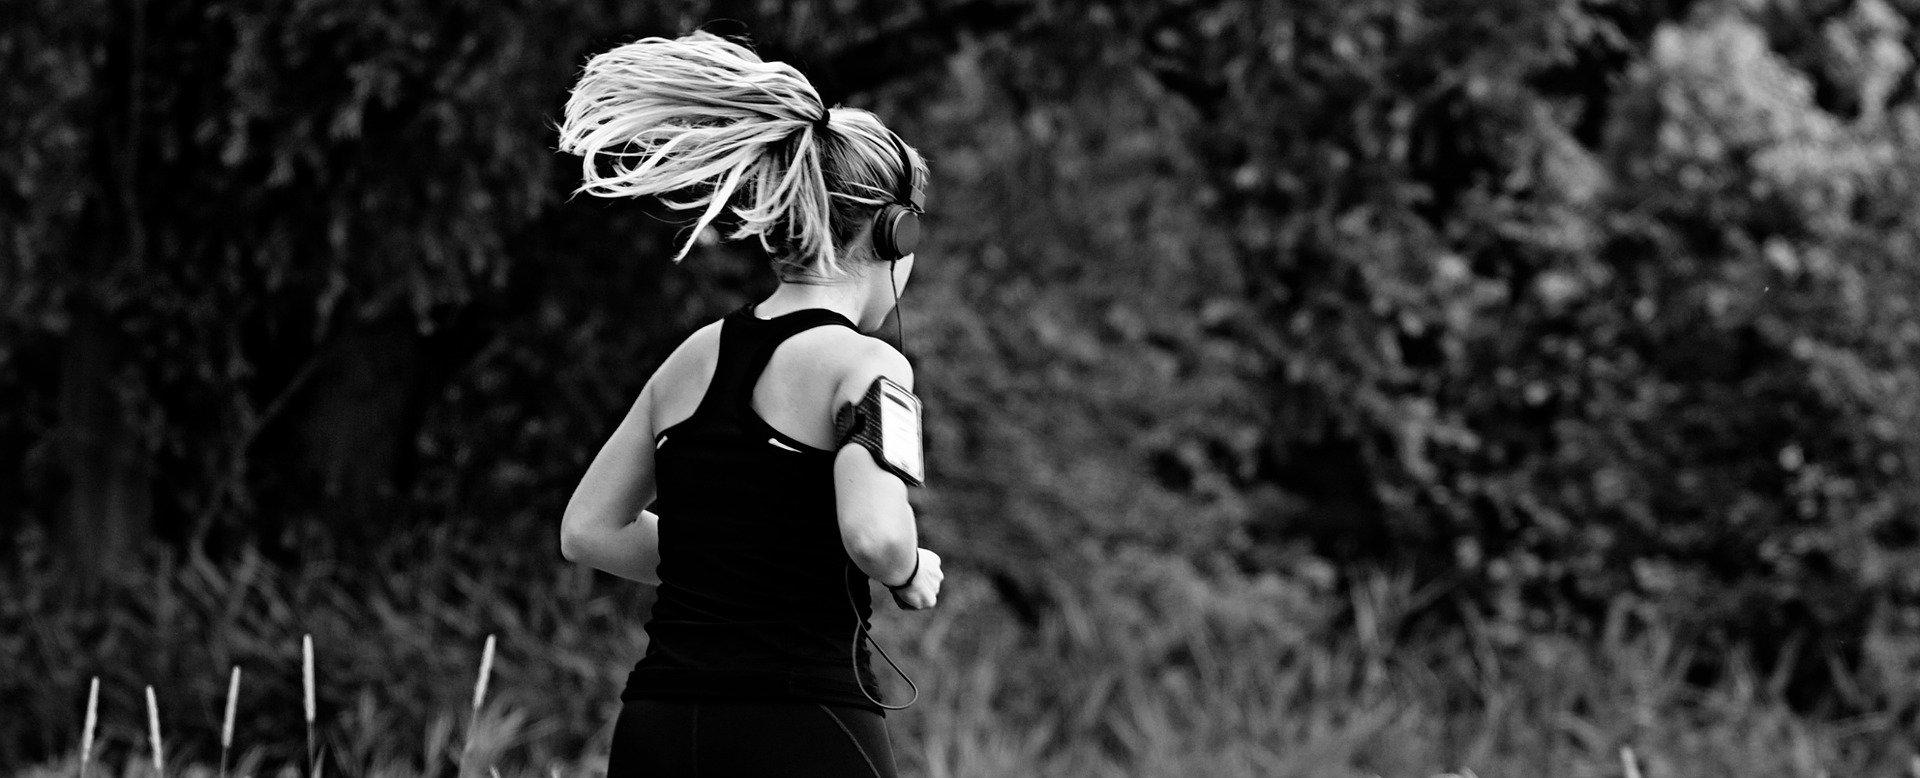 bloqueo mental al correr